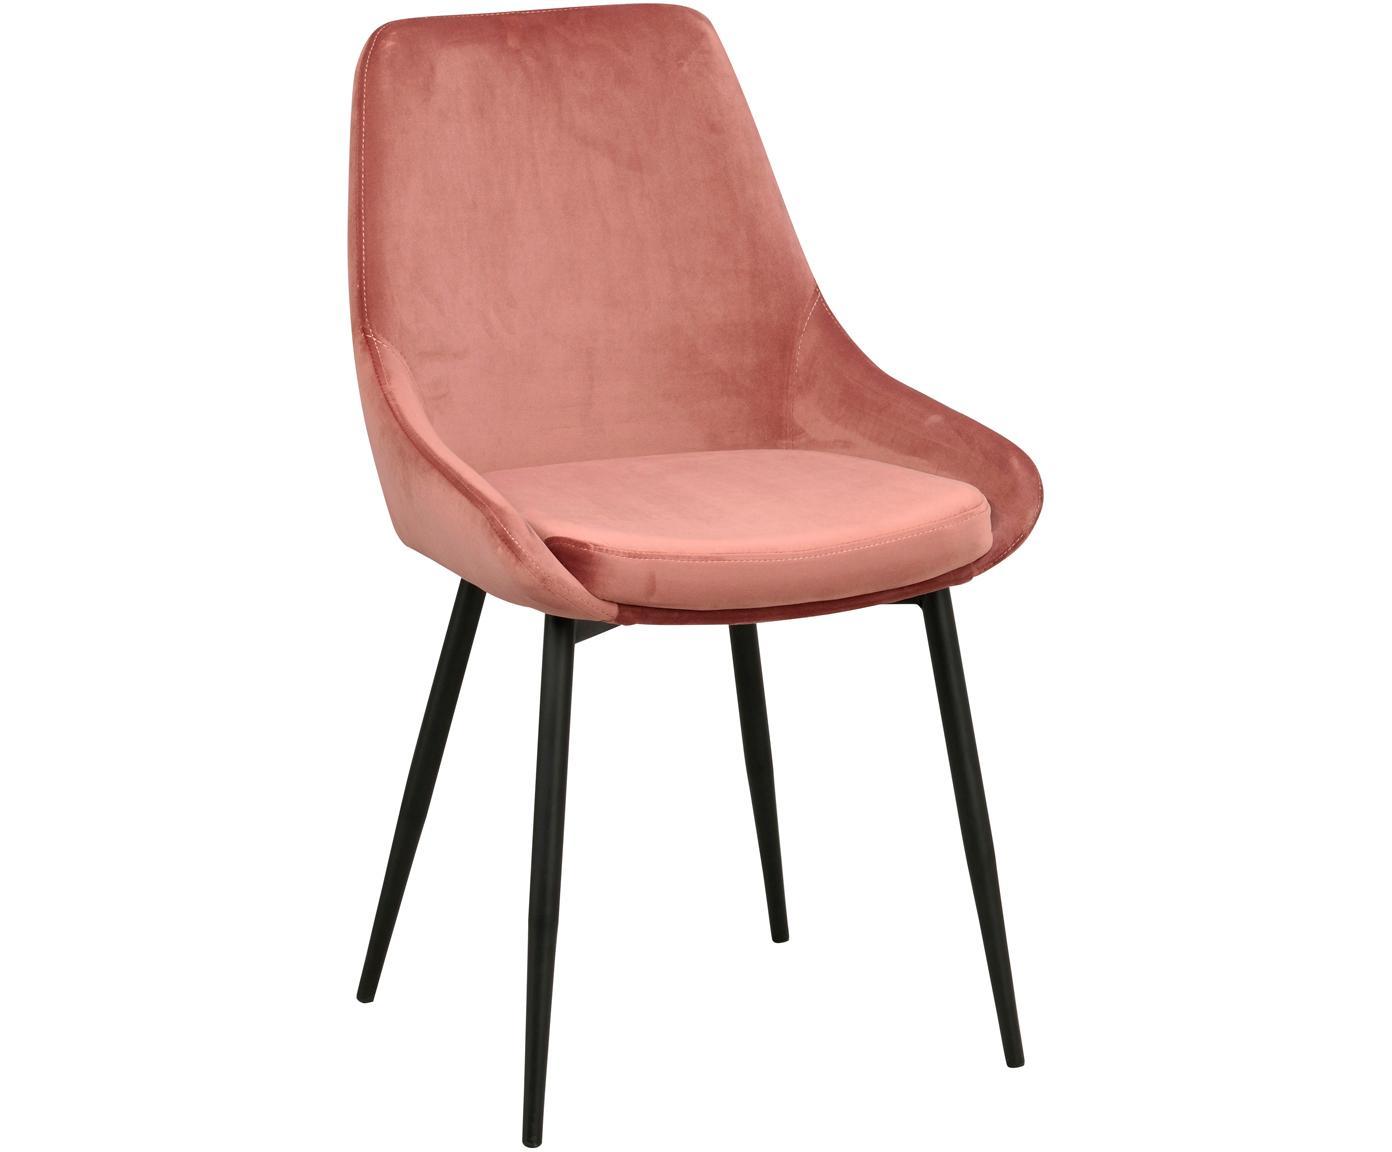 Krzesło tapicerowane z aksamitu Sierra, 2 szt., Tapicerka: aksamit poliestrowy 1000, Nogi: metal lakierowany, Blady różowy, czarny, S 49 x G 55 cm